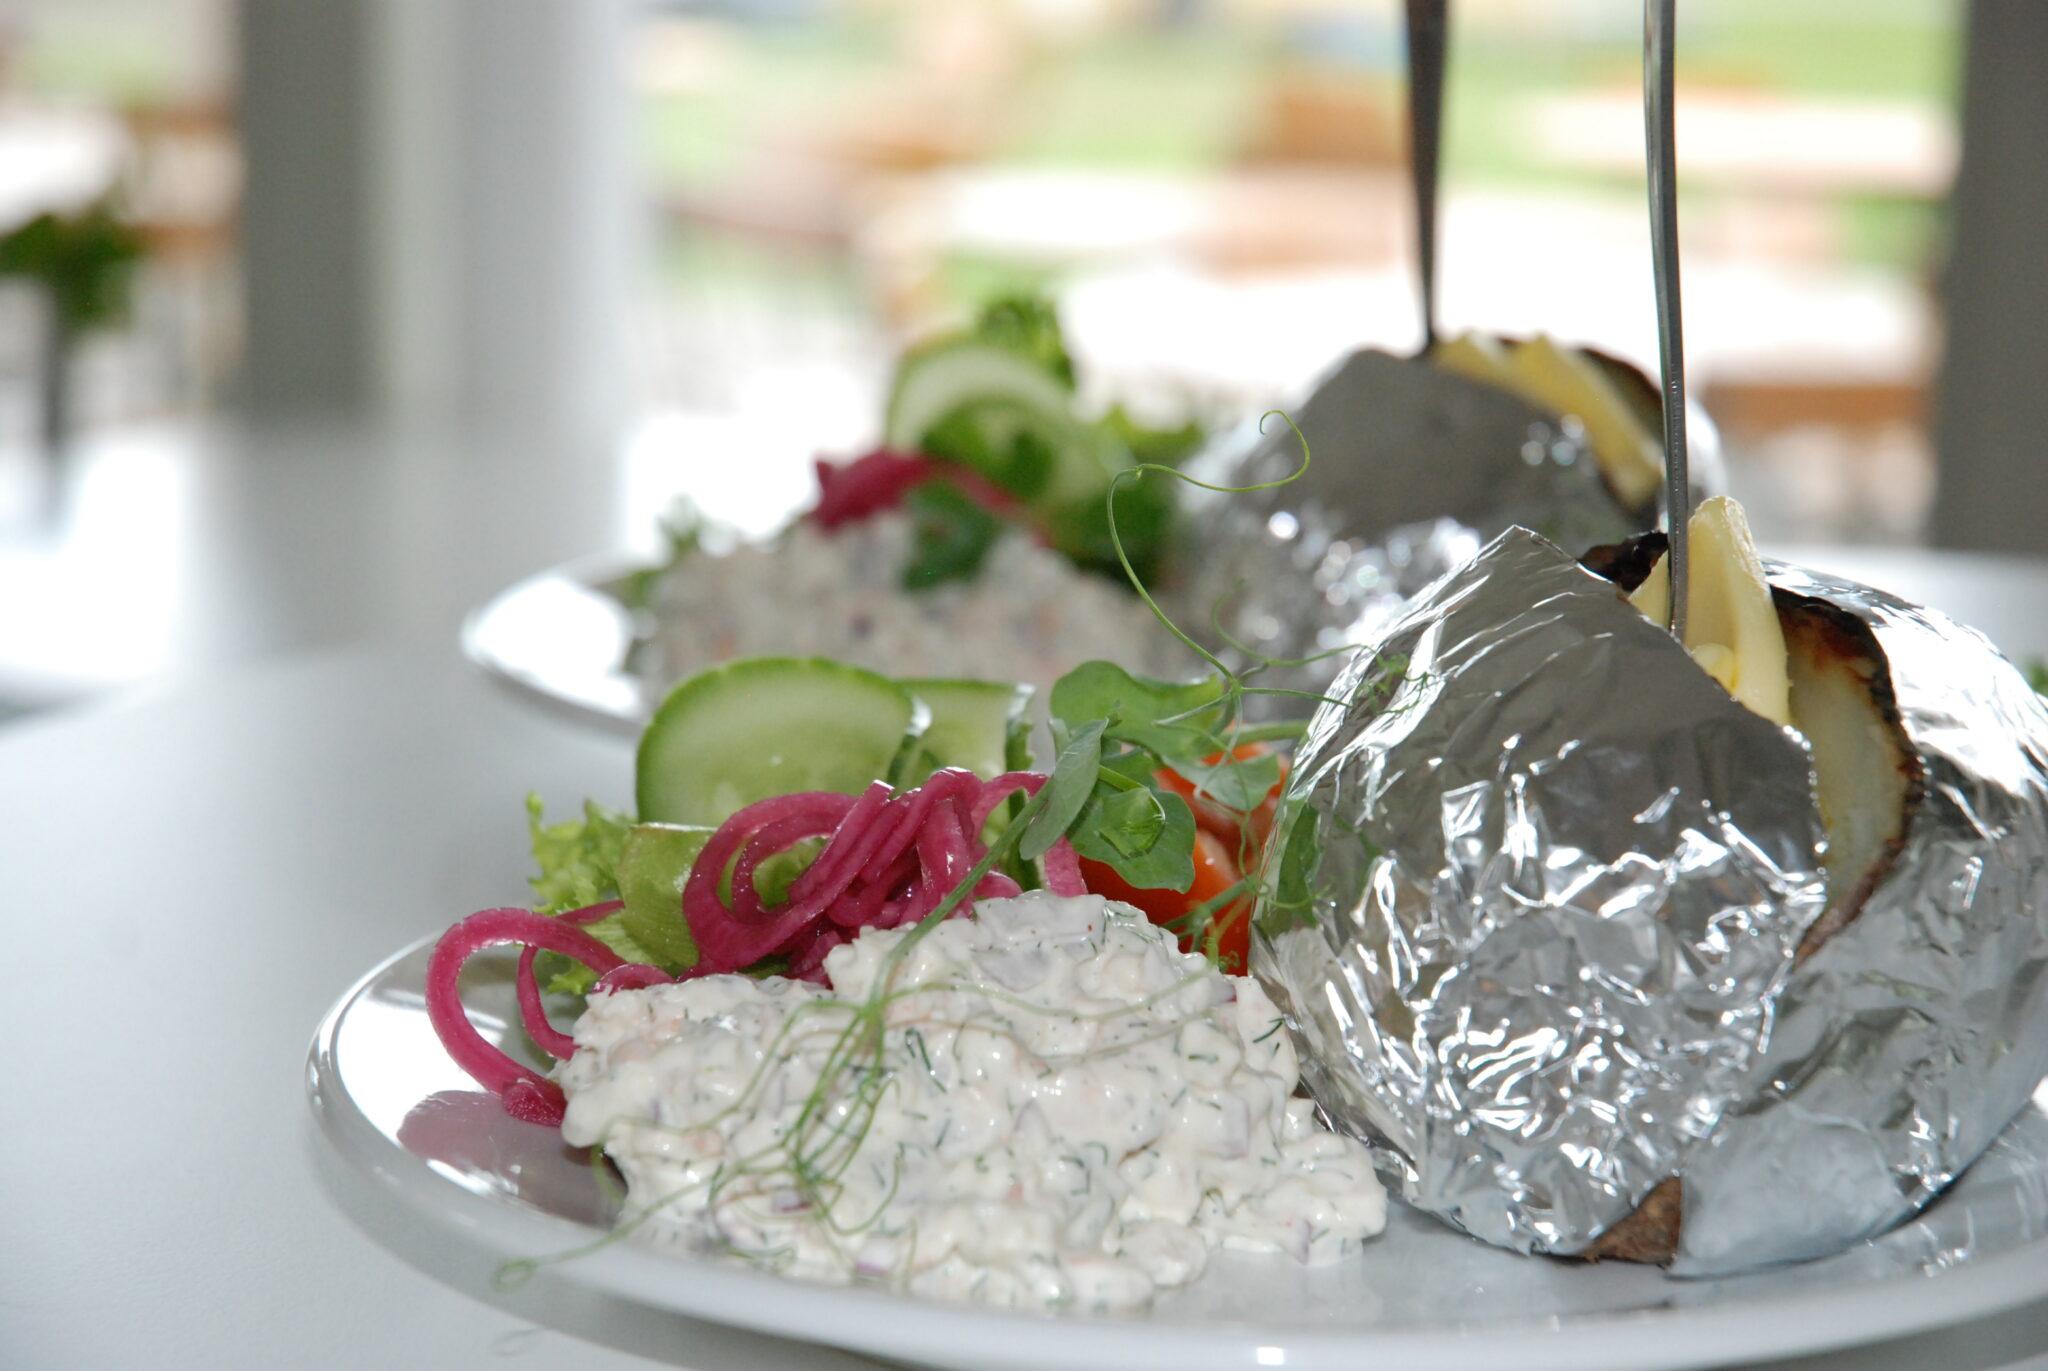 Bakad potatis, serveras med sallad, välj mellan vår egen kycklingröra eller skagenröra